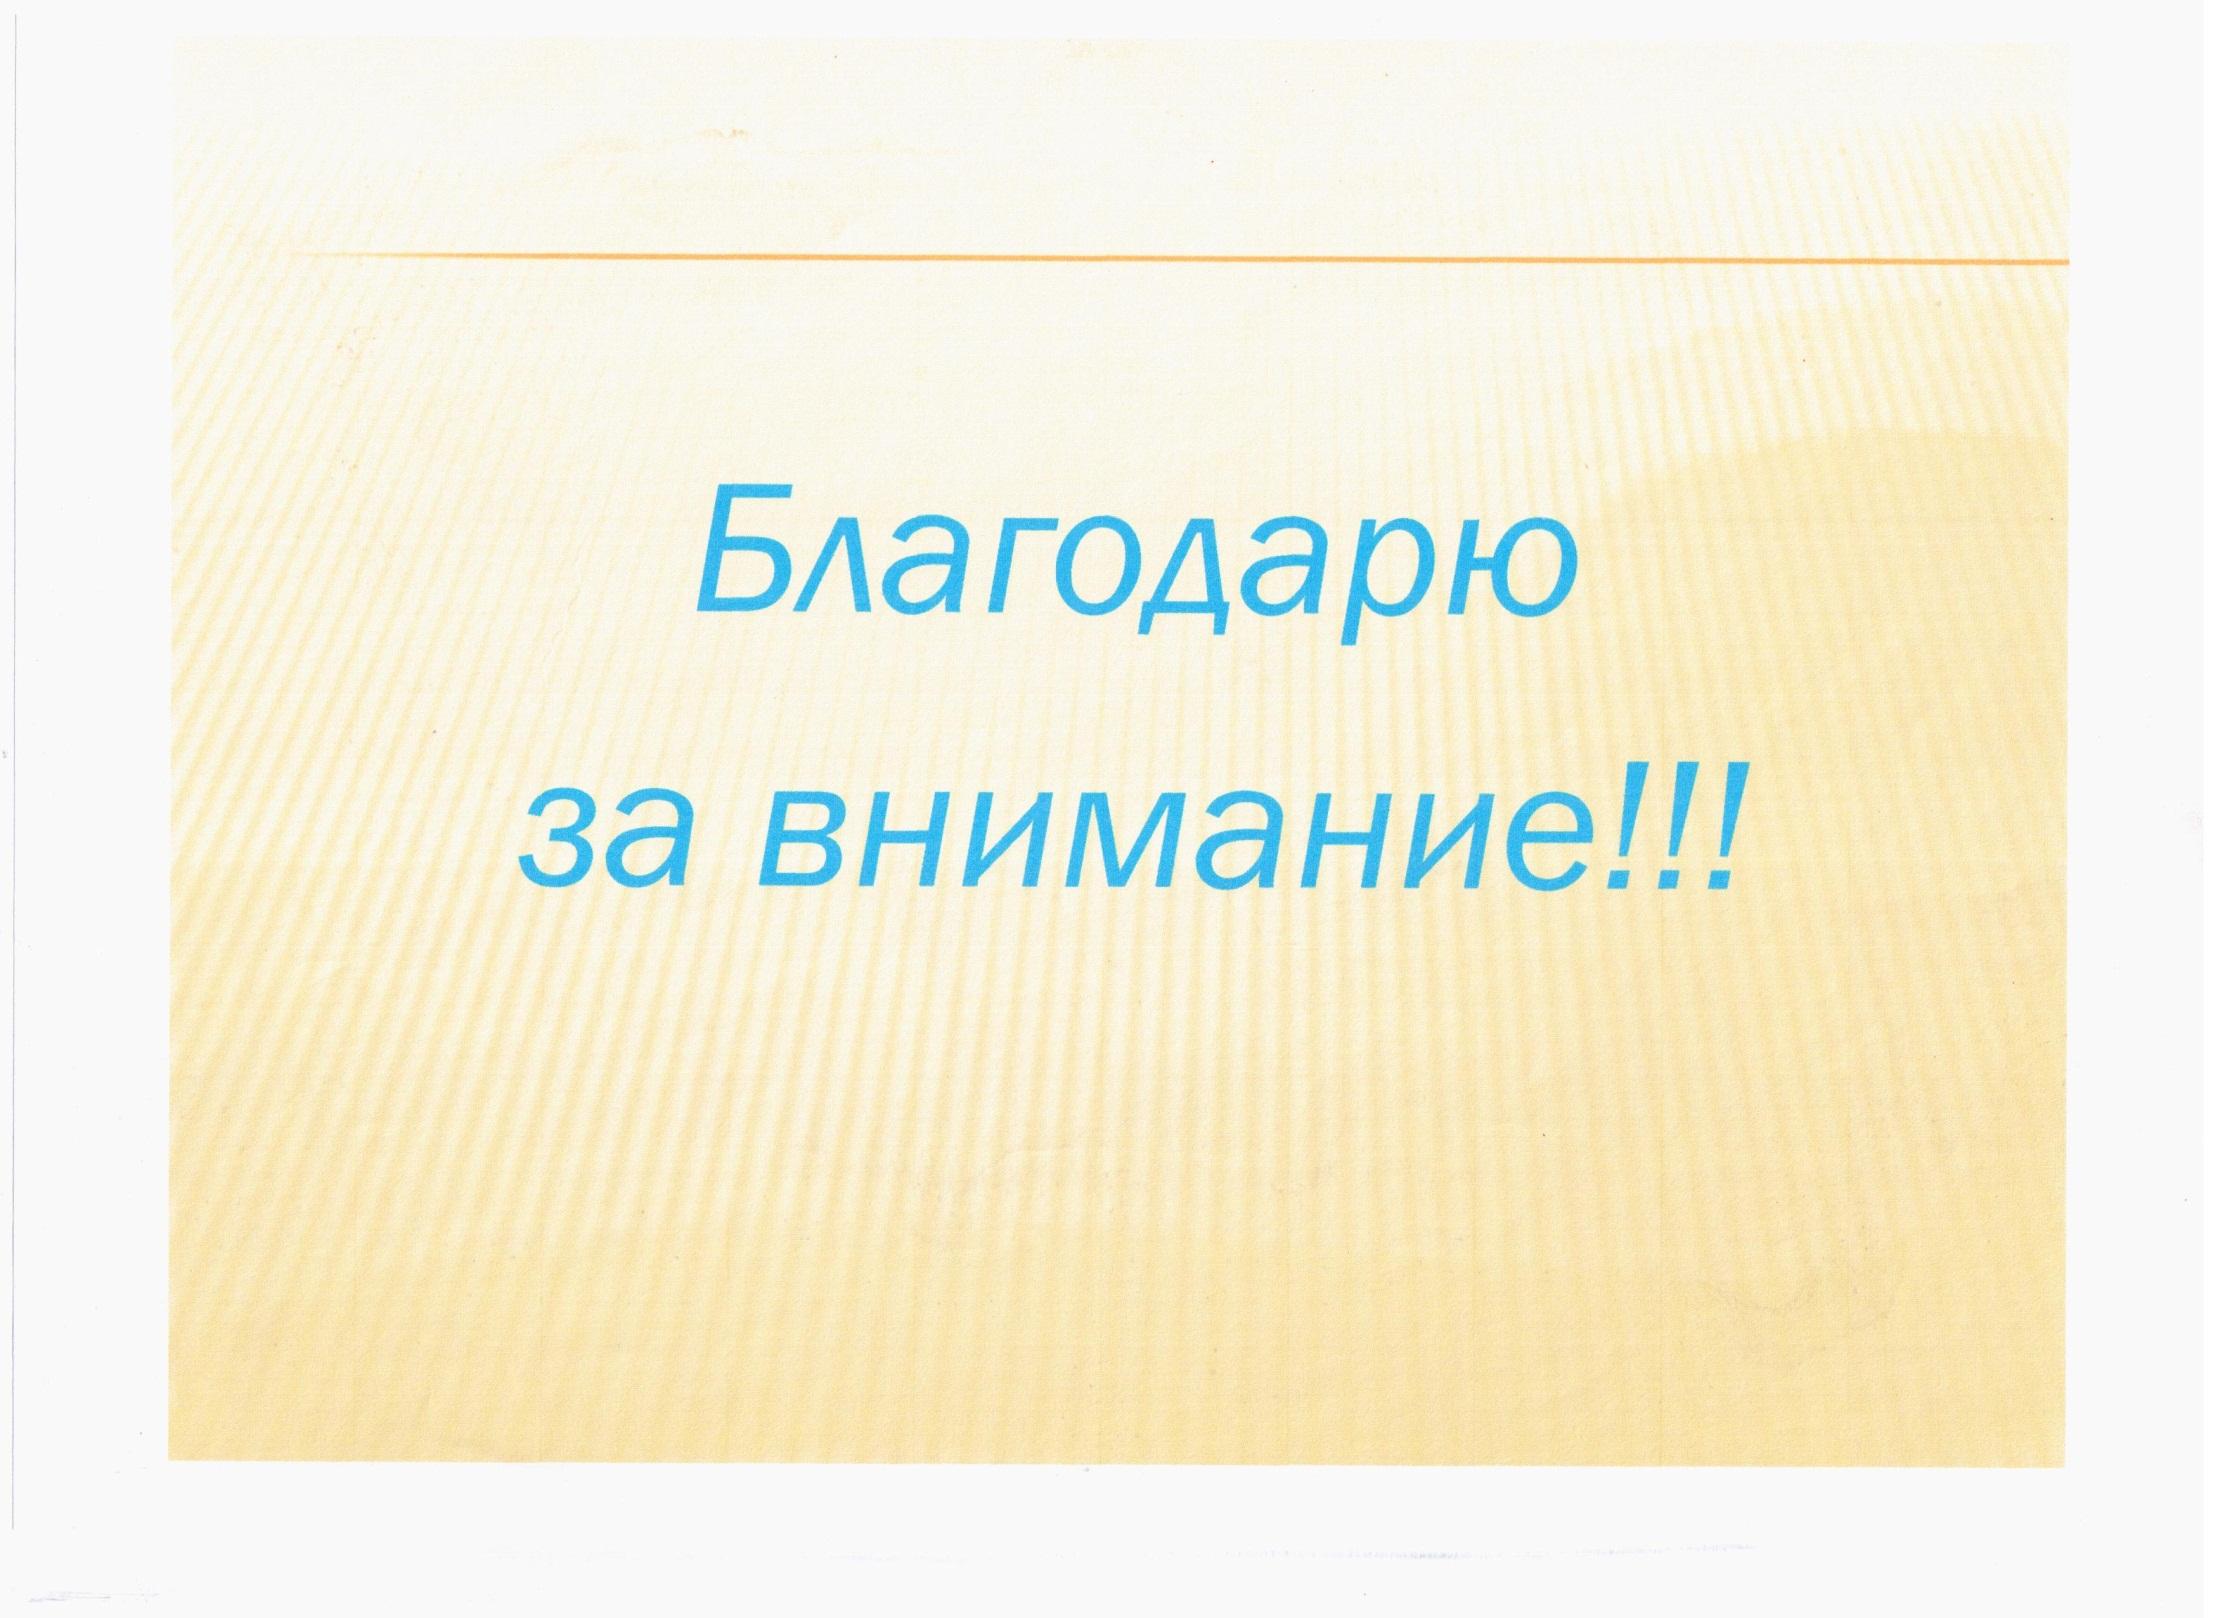 C:\Users\Администратор\Documents\аттестация\доклад мир танца\а24.jpeg